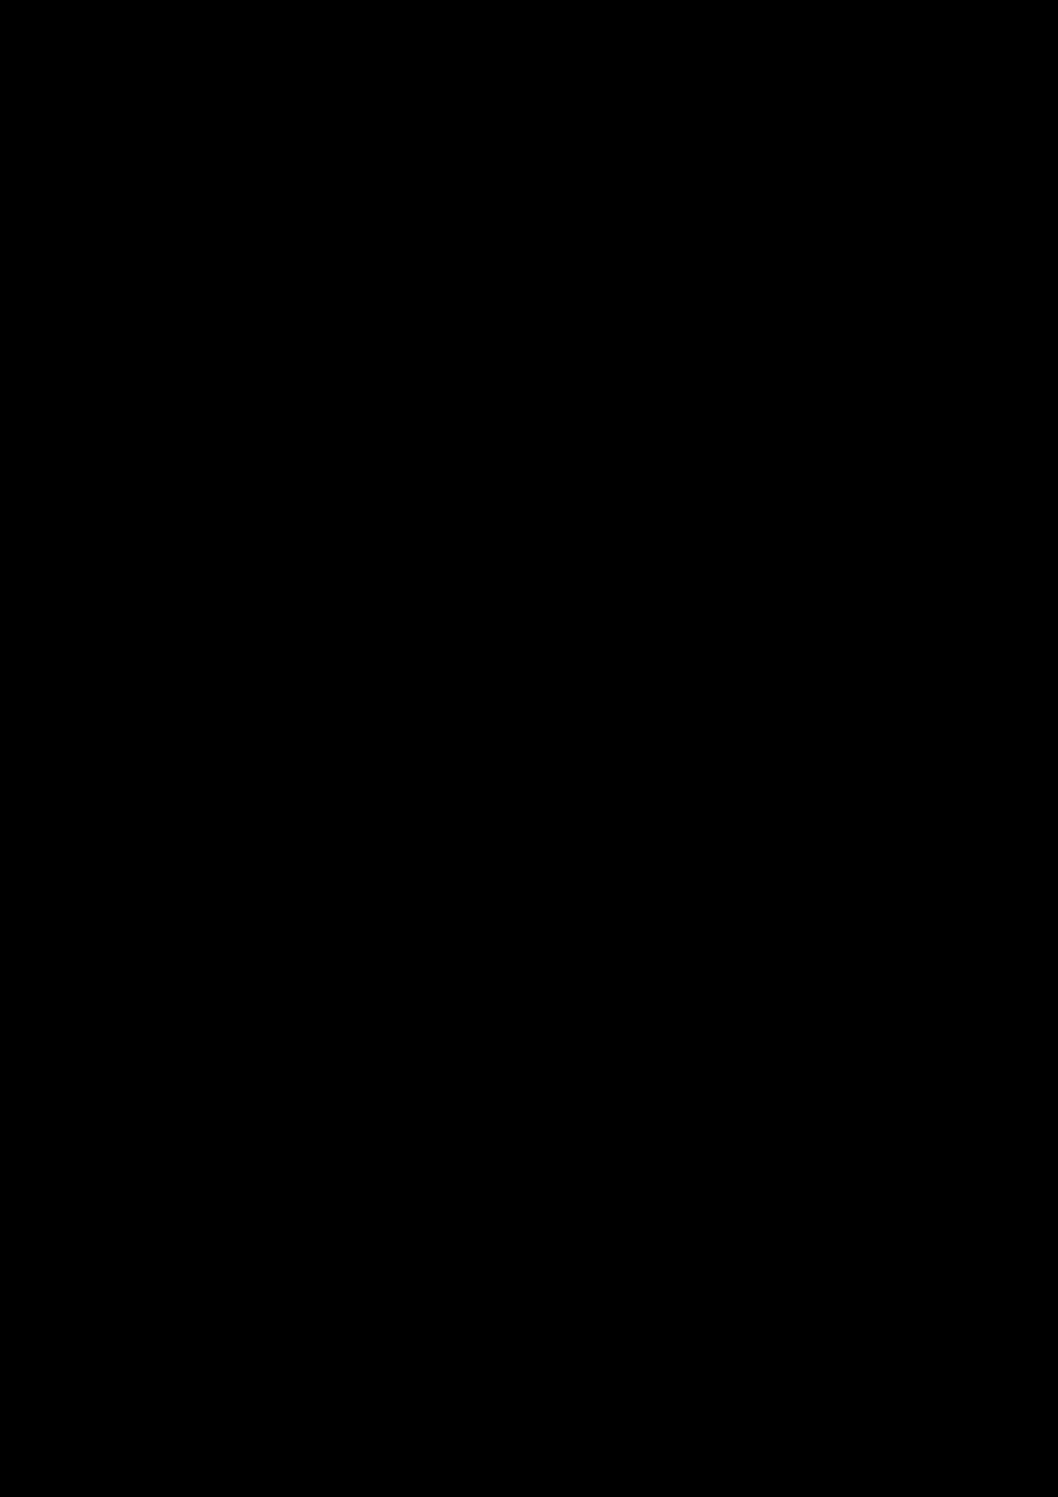 adressen-vorstand-ftv